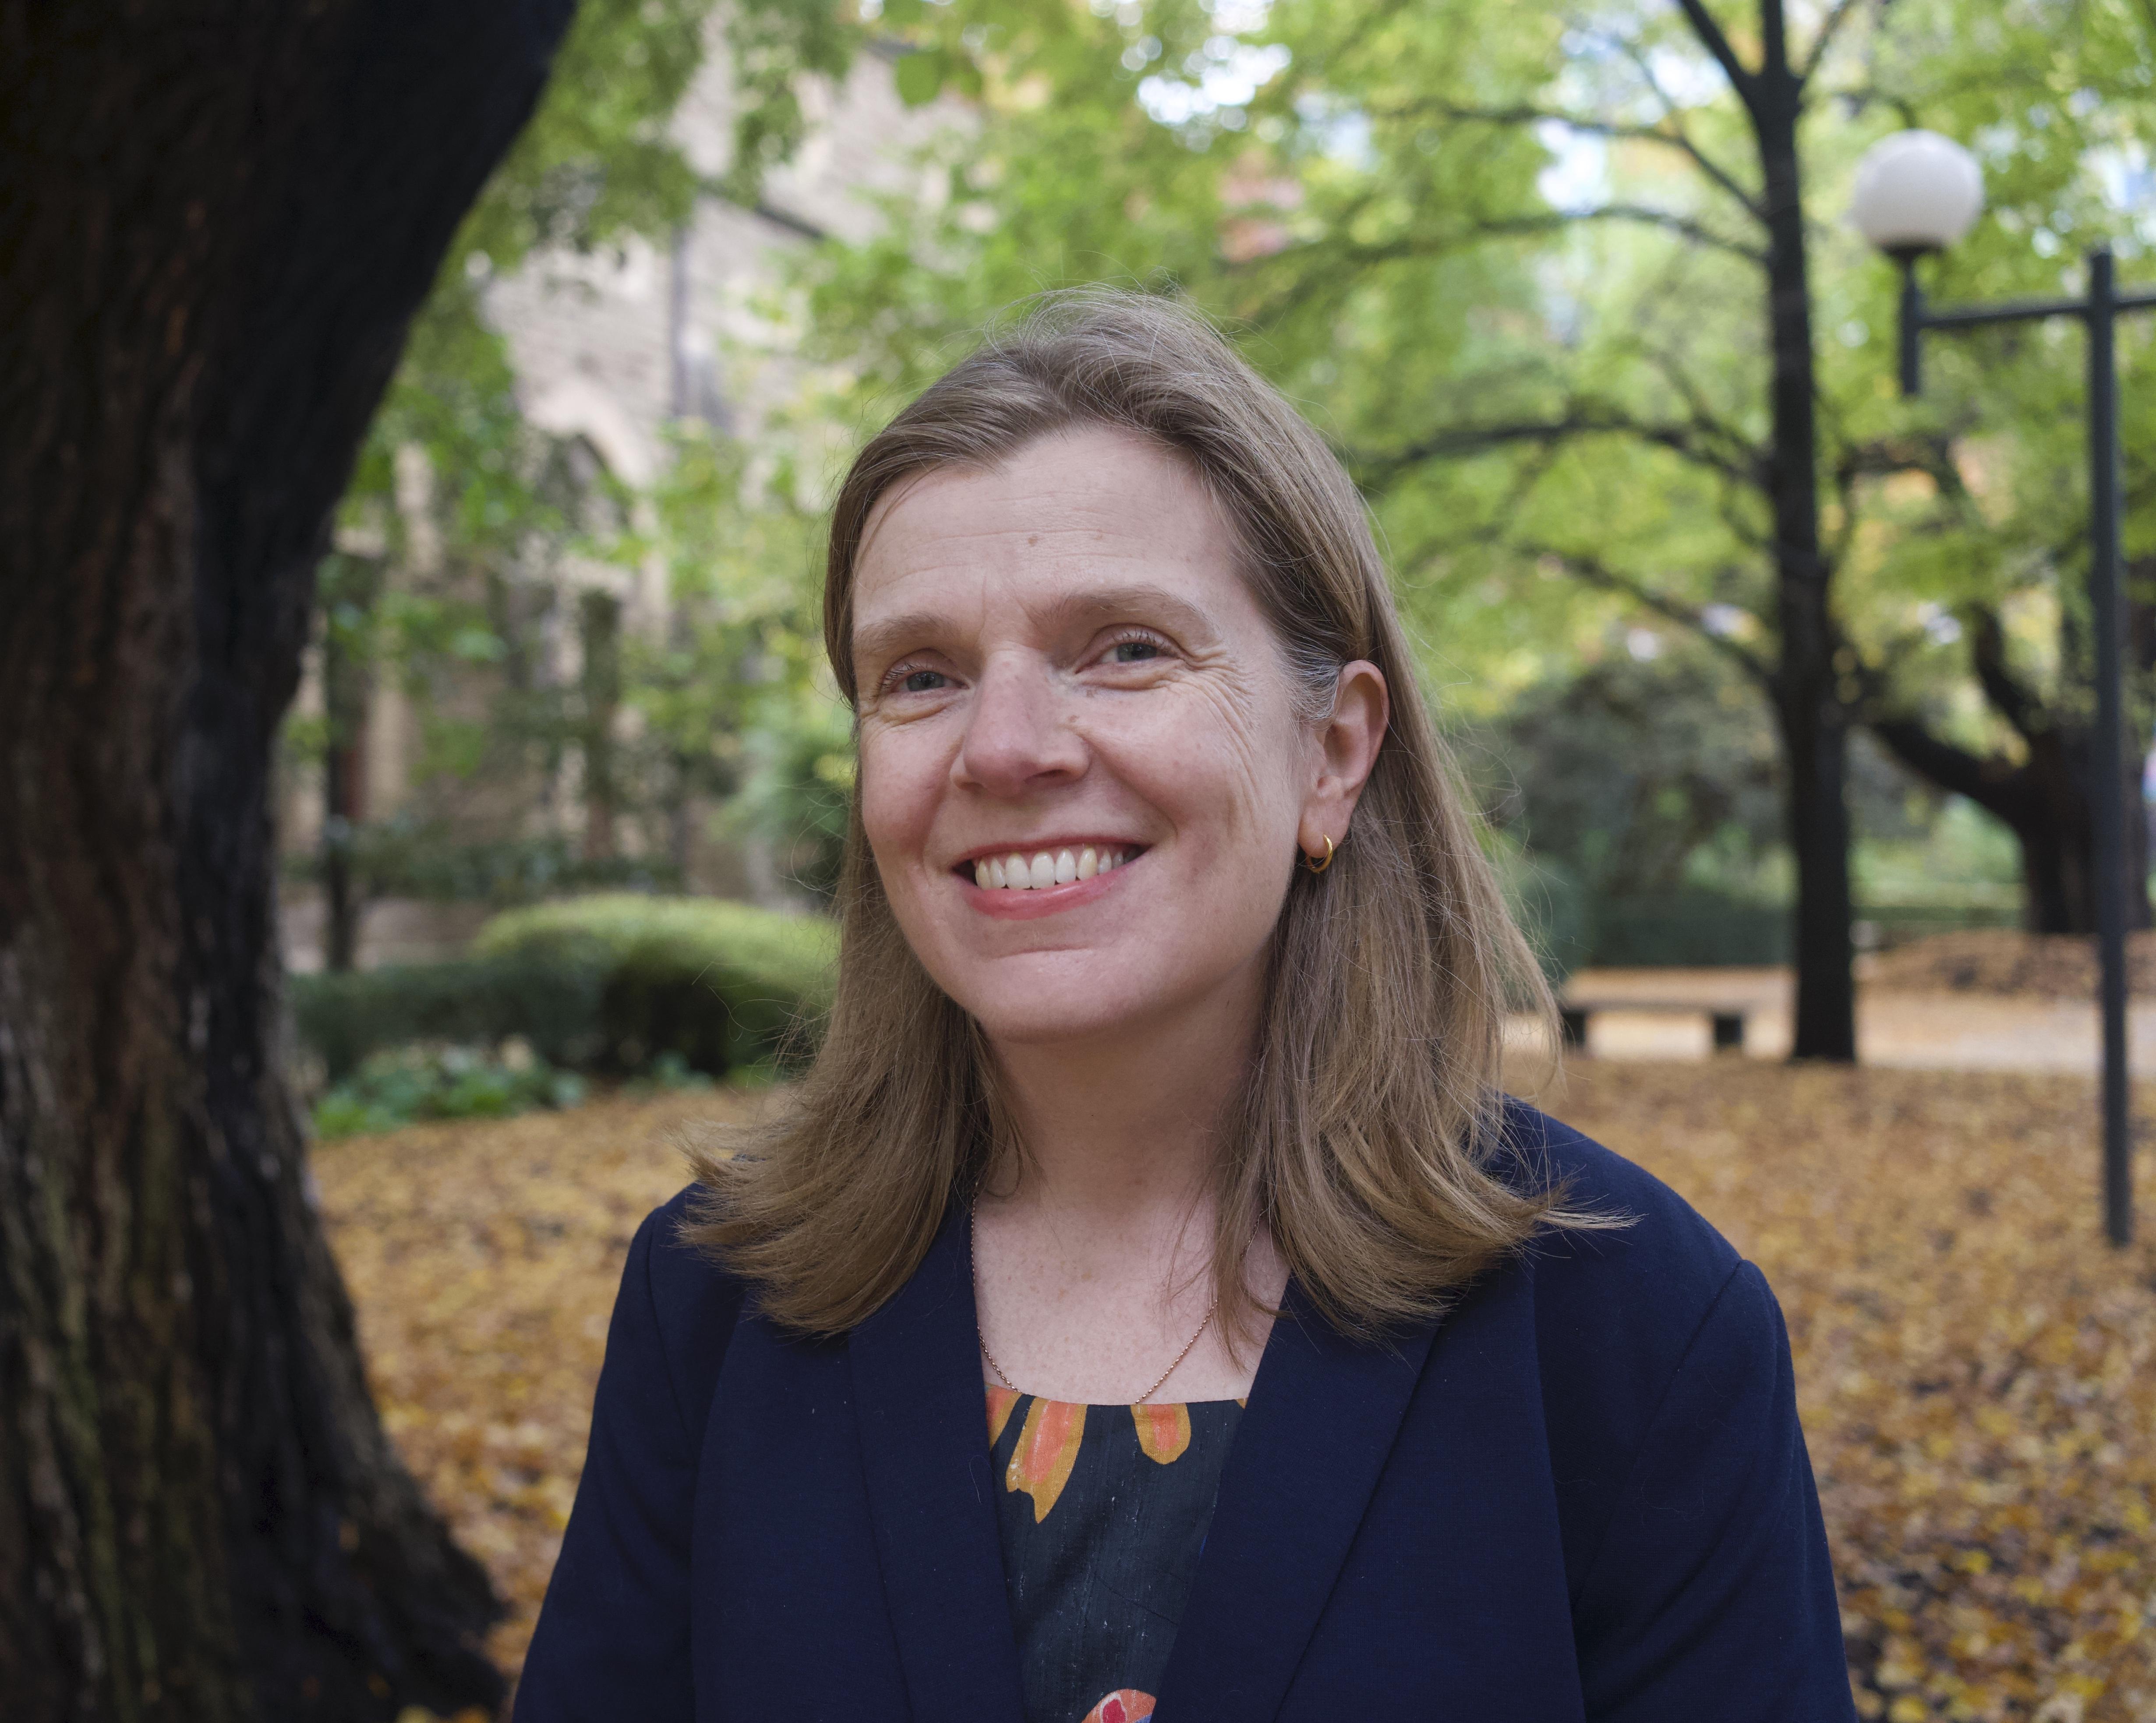 Profile picture of Alicia Spittle